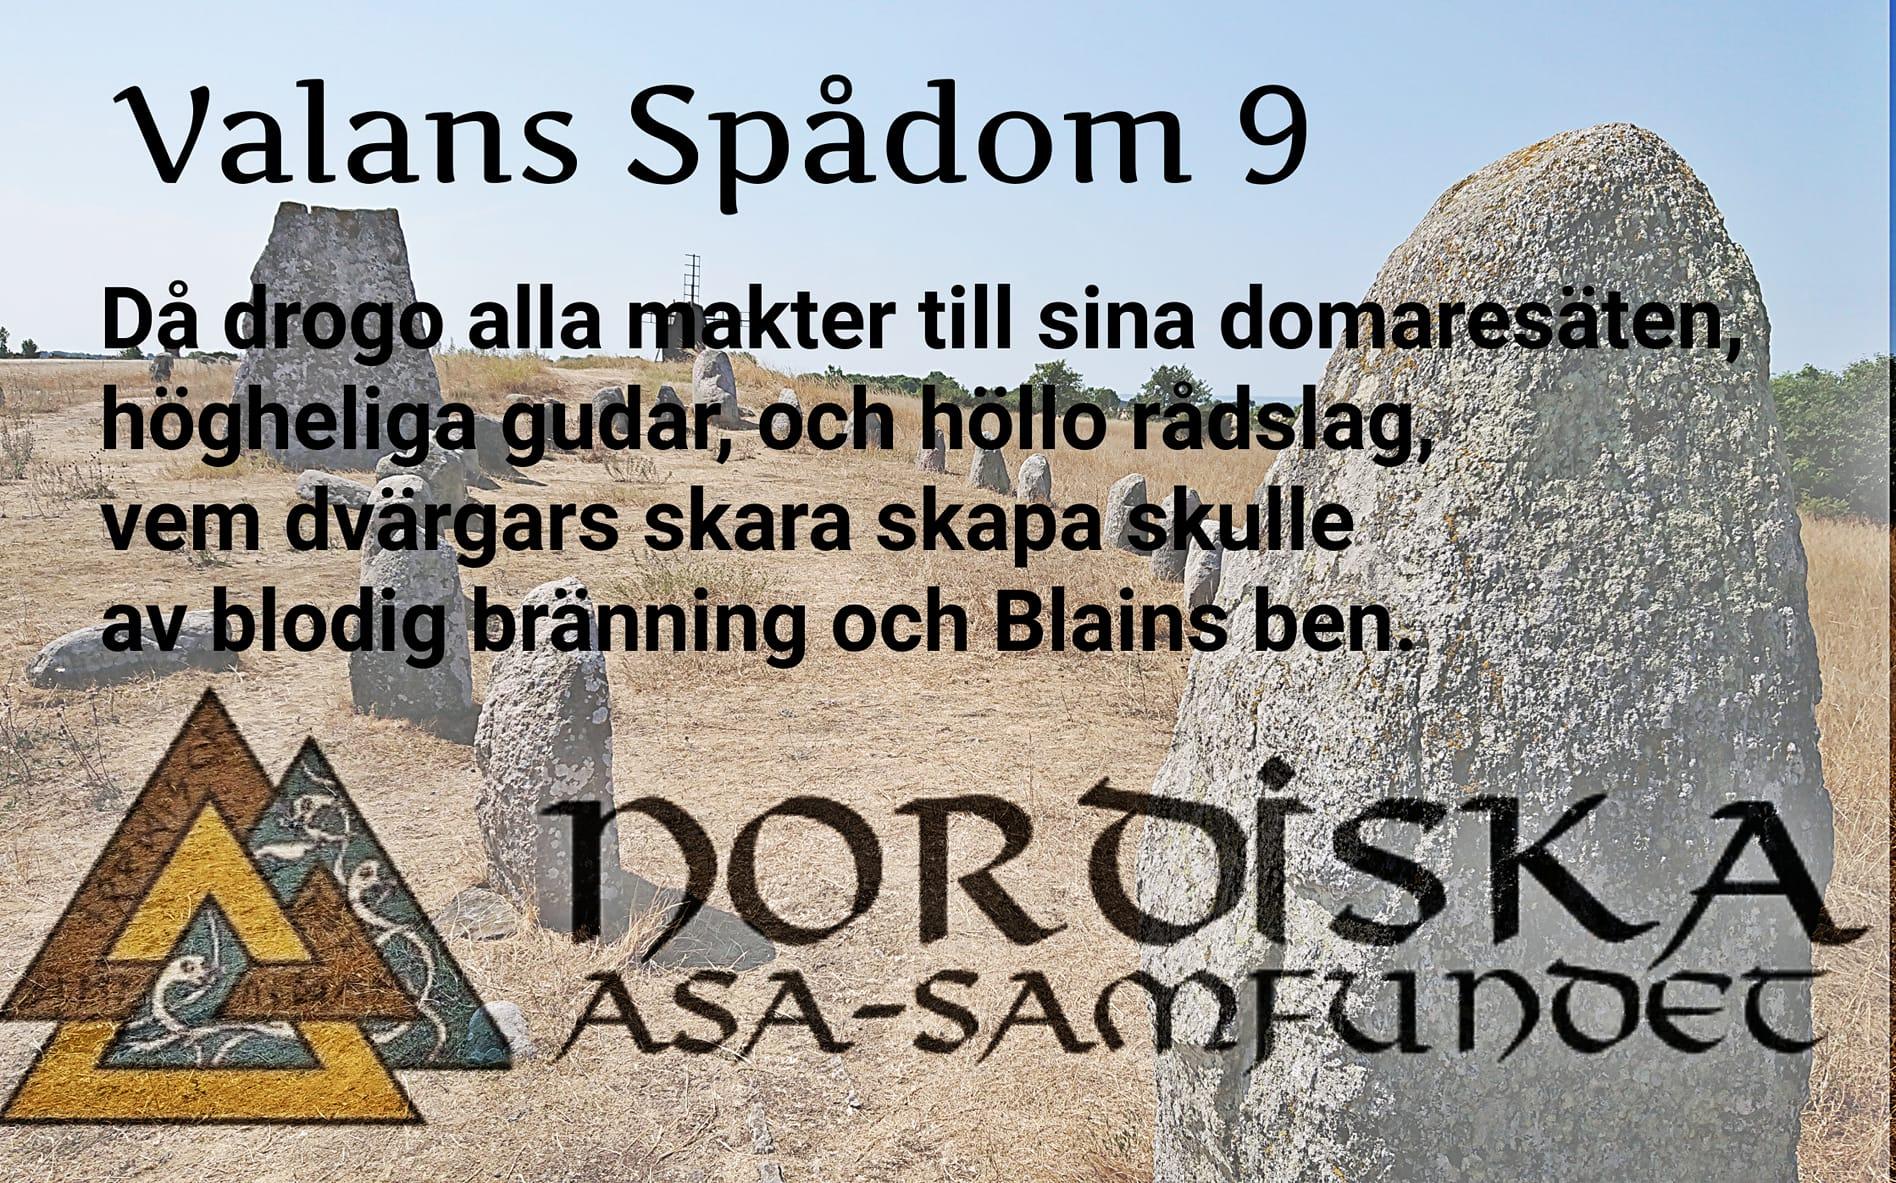 Valans-spadom-voluspa_vers09